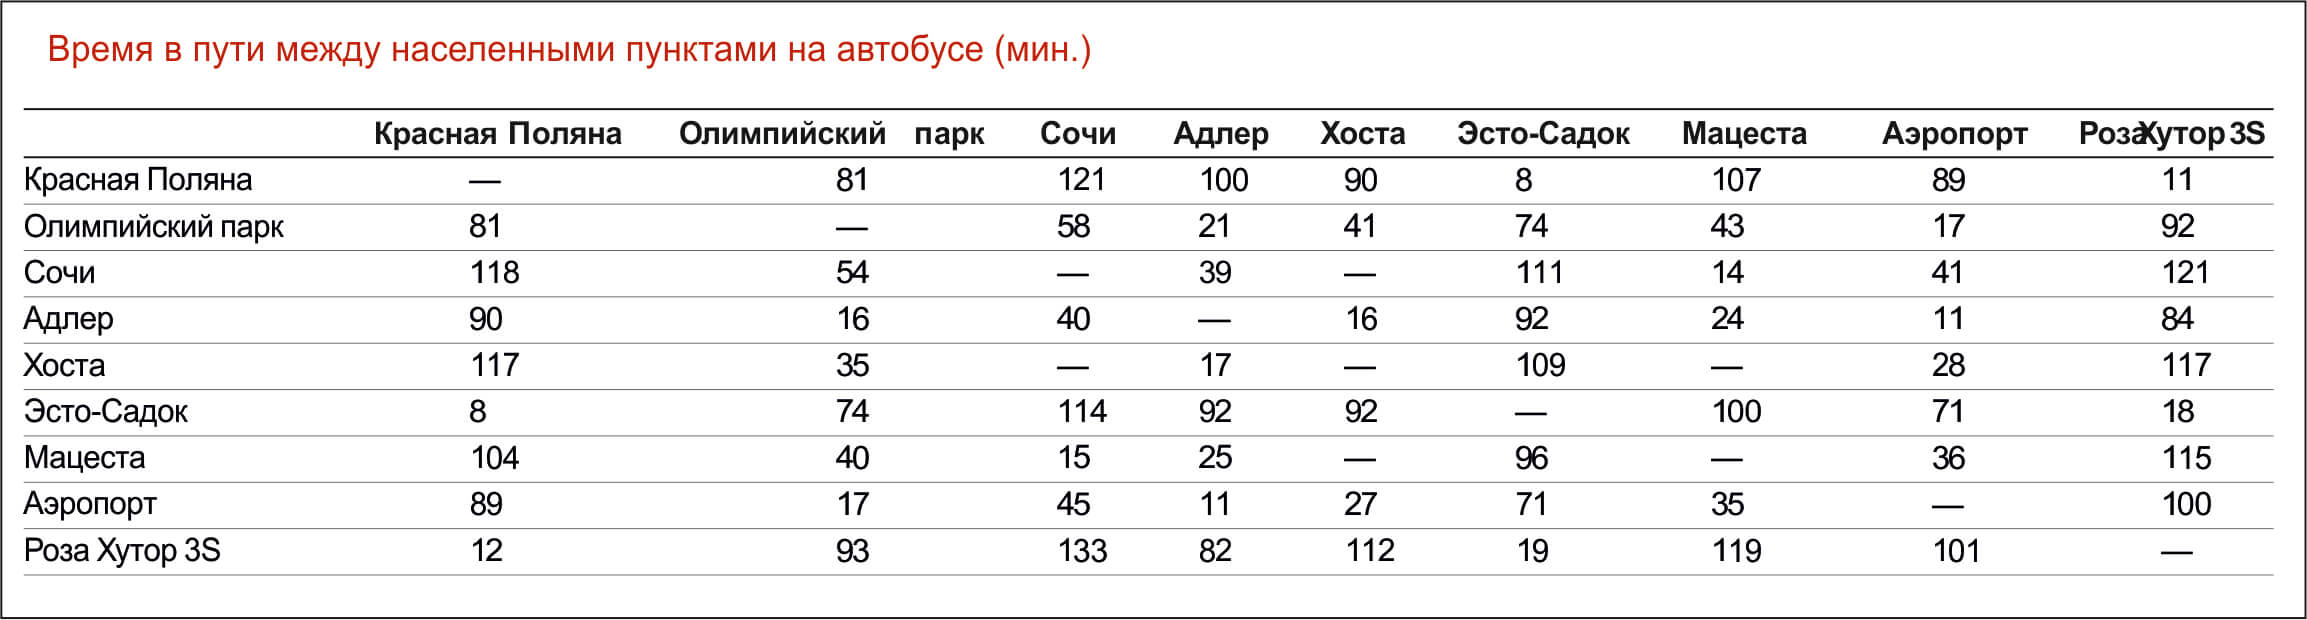 """Таблица """"Время в пути между Сочи и соседними курортами"""""""